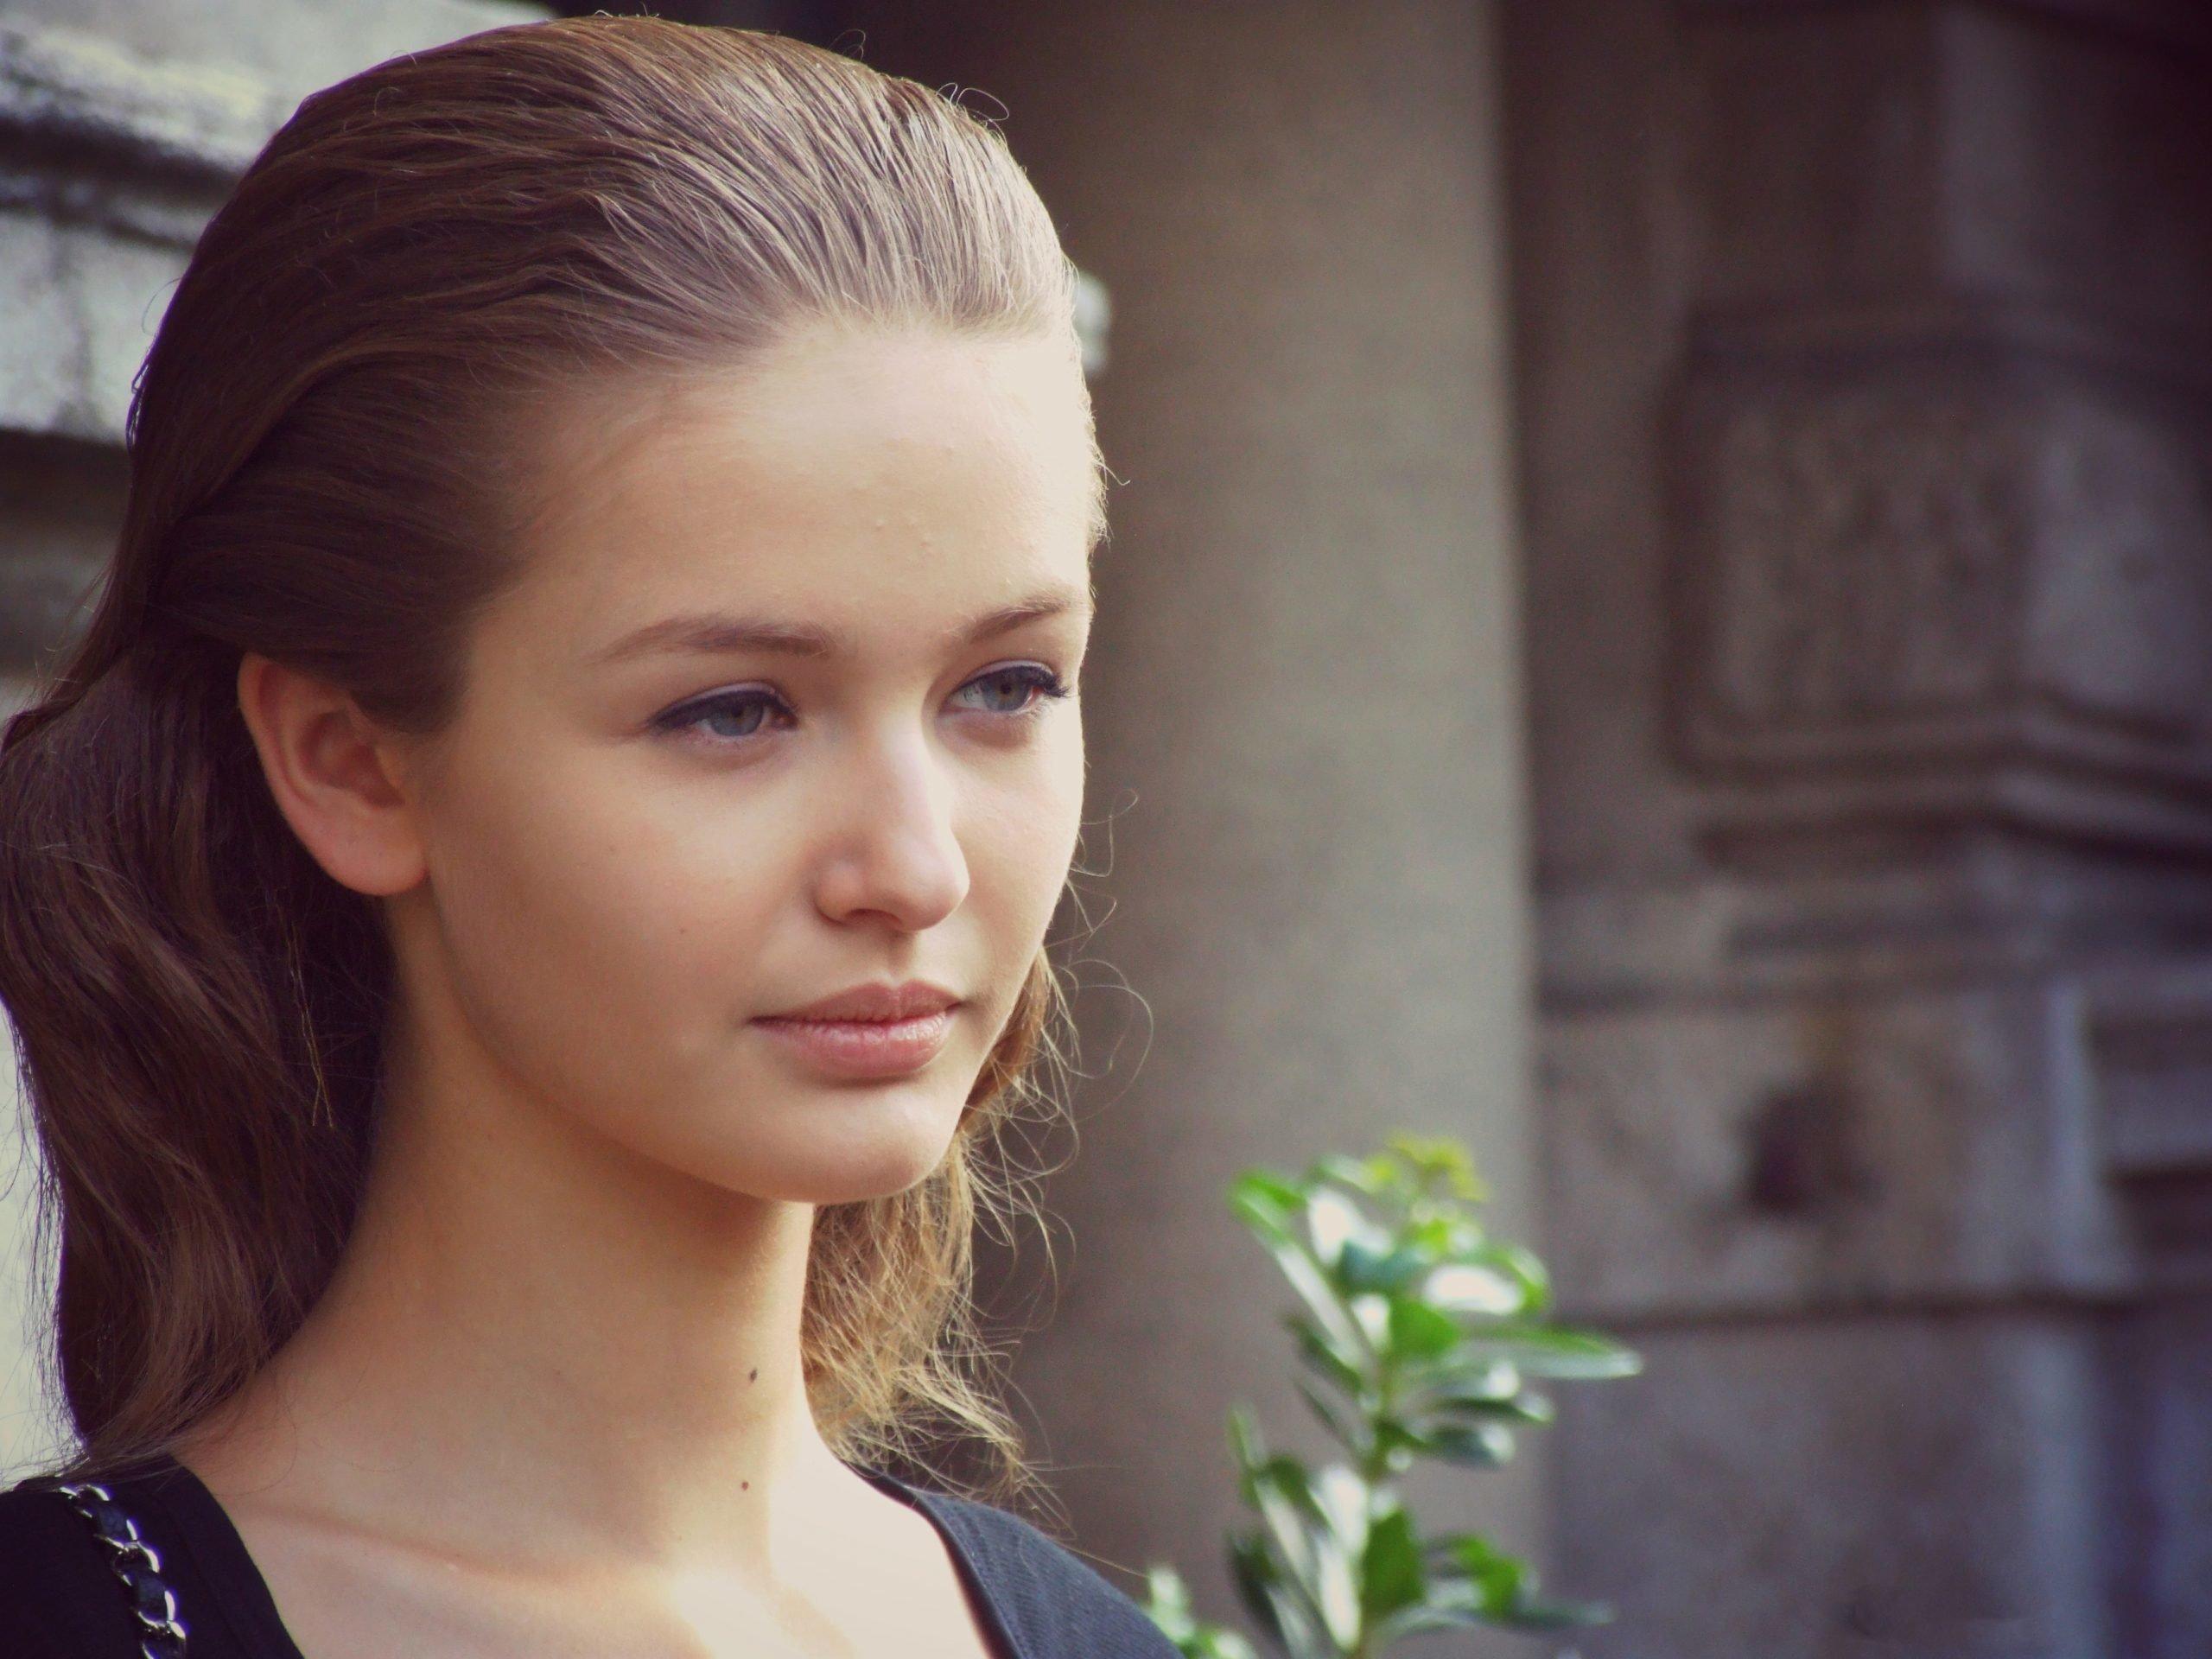 Кристина Романова в юности